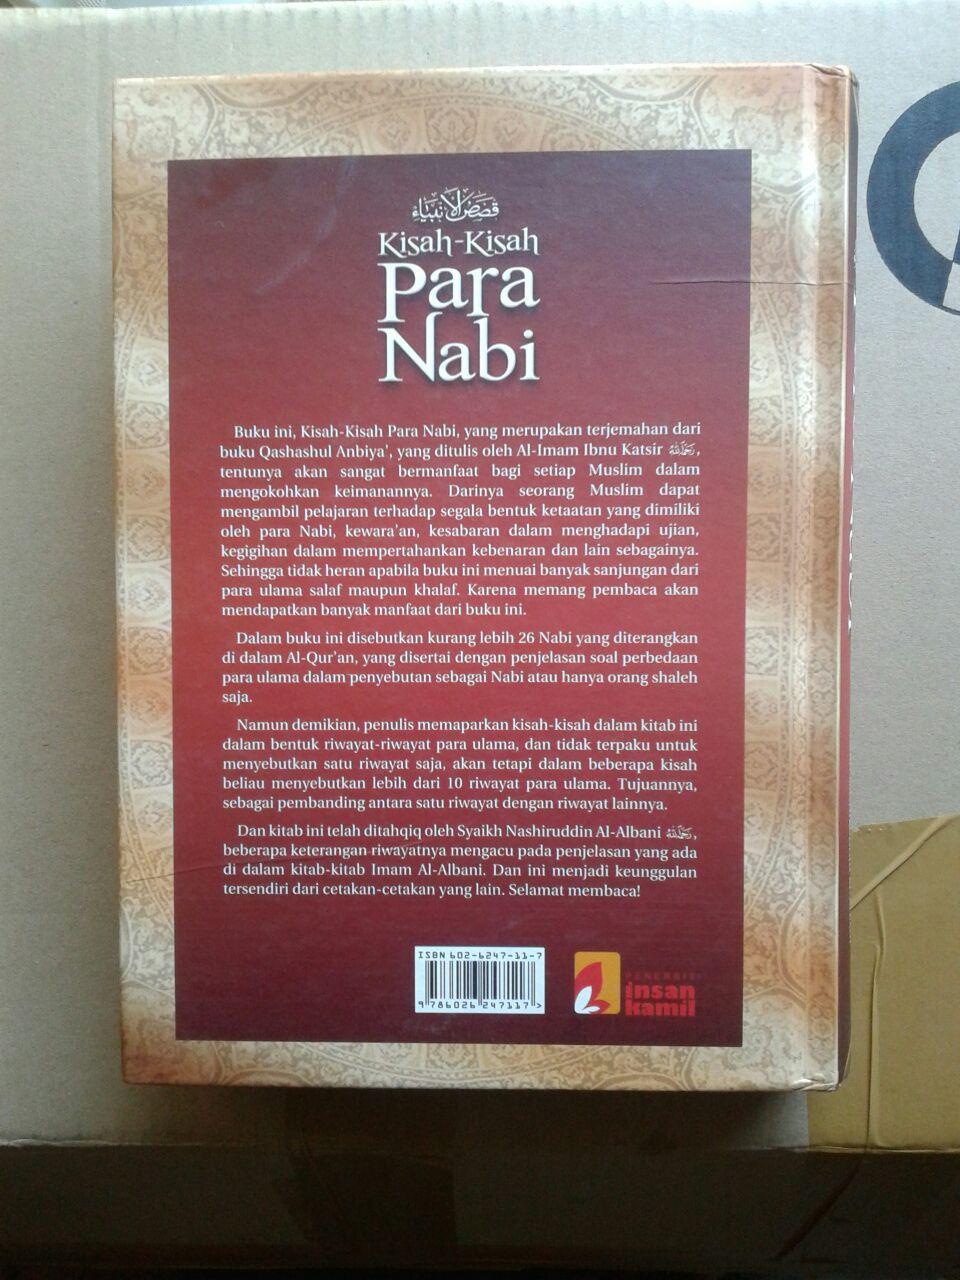 Buku Kisah-Kisah Para Nabi cover 2